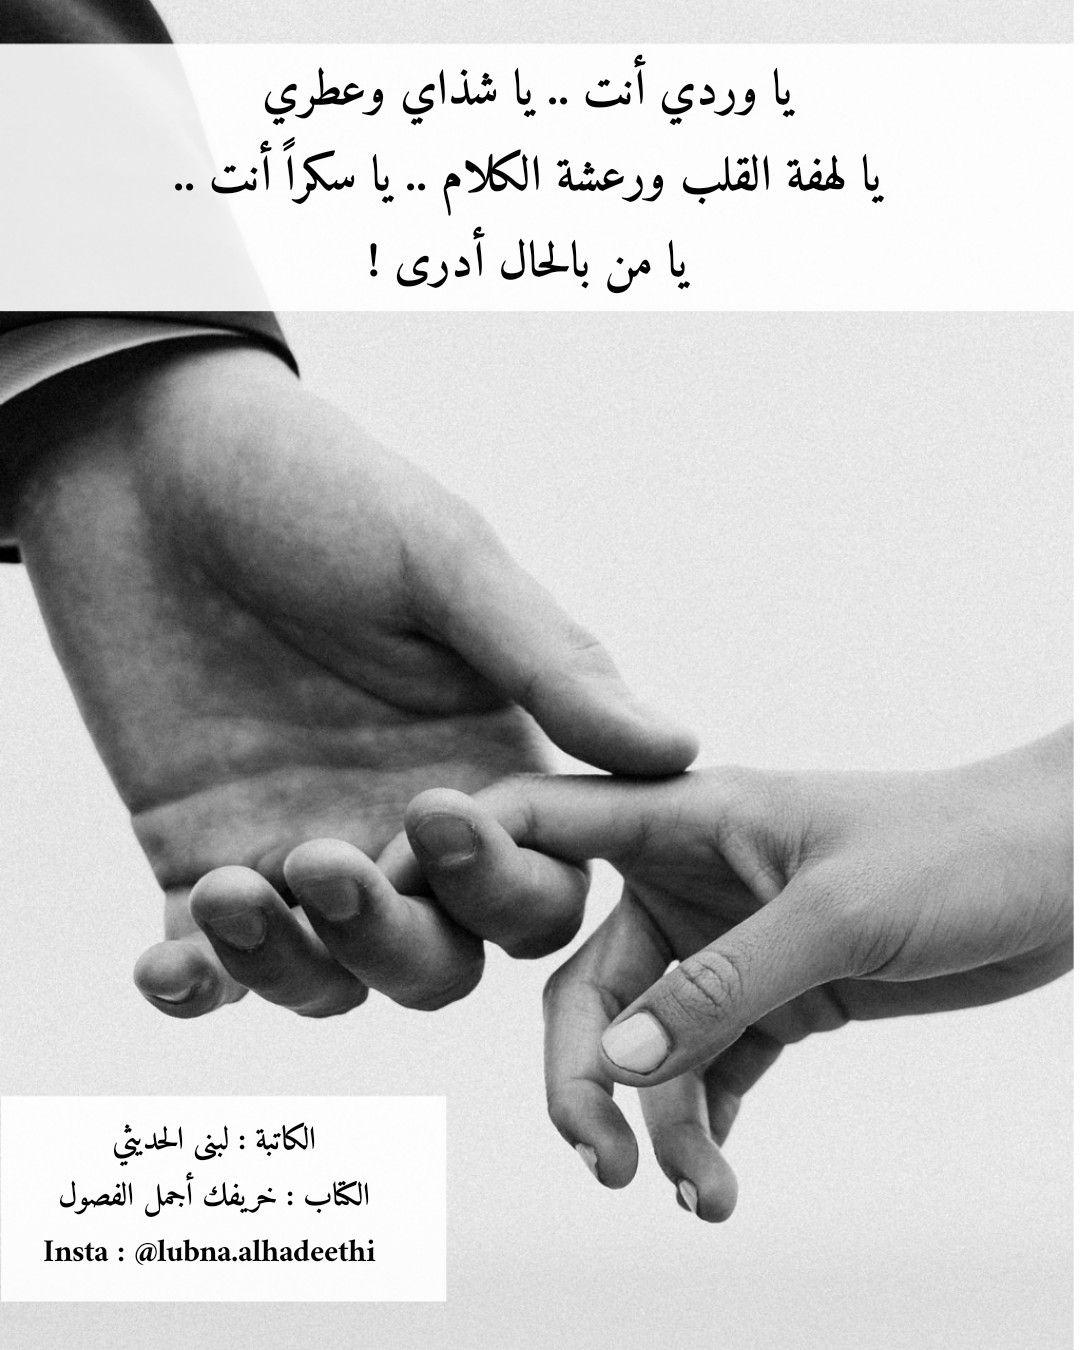 خريفك أجمل الفصول لبنى الحديثي حب اهتمام رومانسية كلمات عشق اهمال أحبك حبيبي اشتياق وفاء خيانة قلب Holding Hands Hands